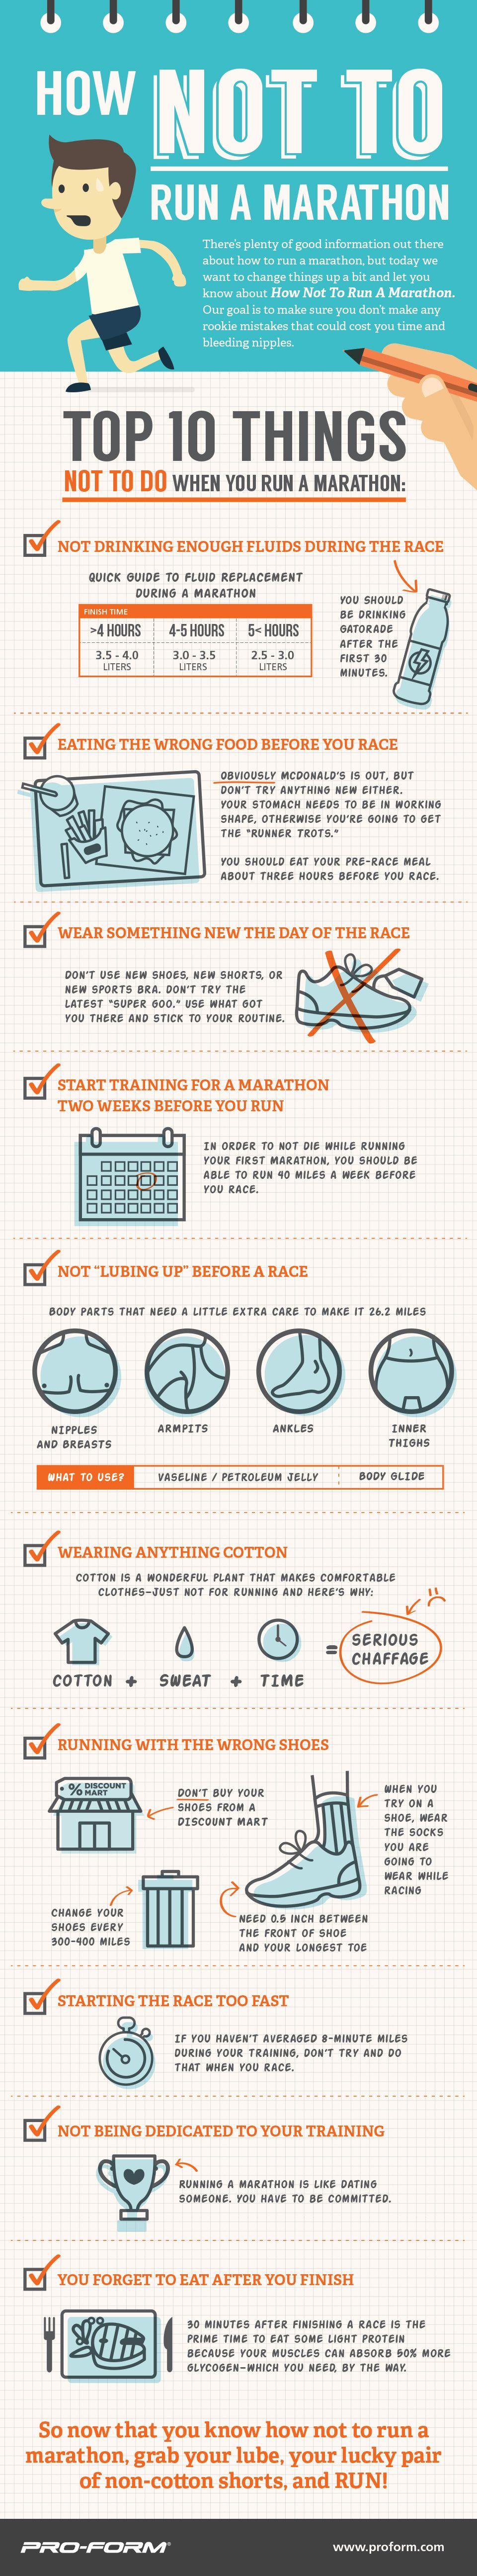 Top 10 List: How Not To Run A Marathon